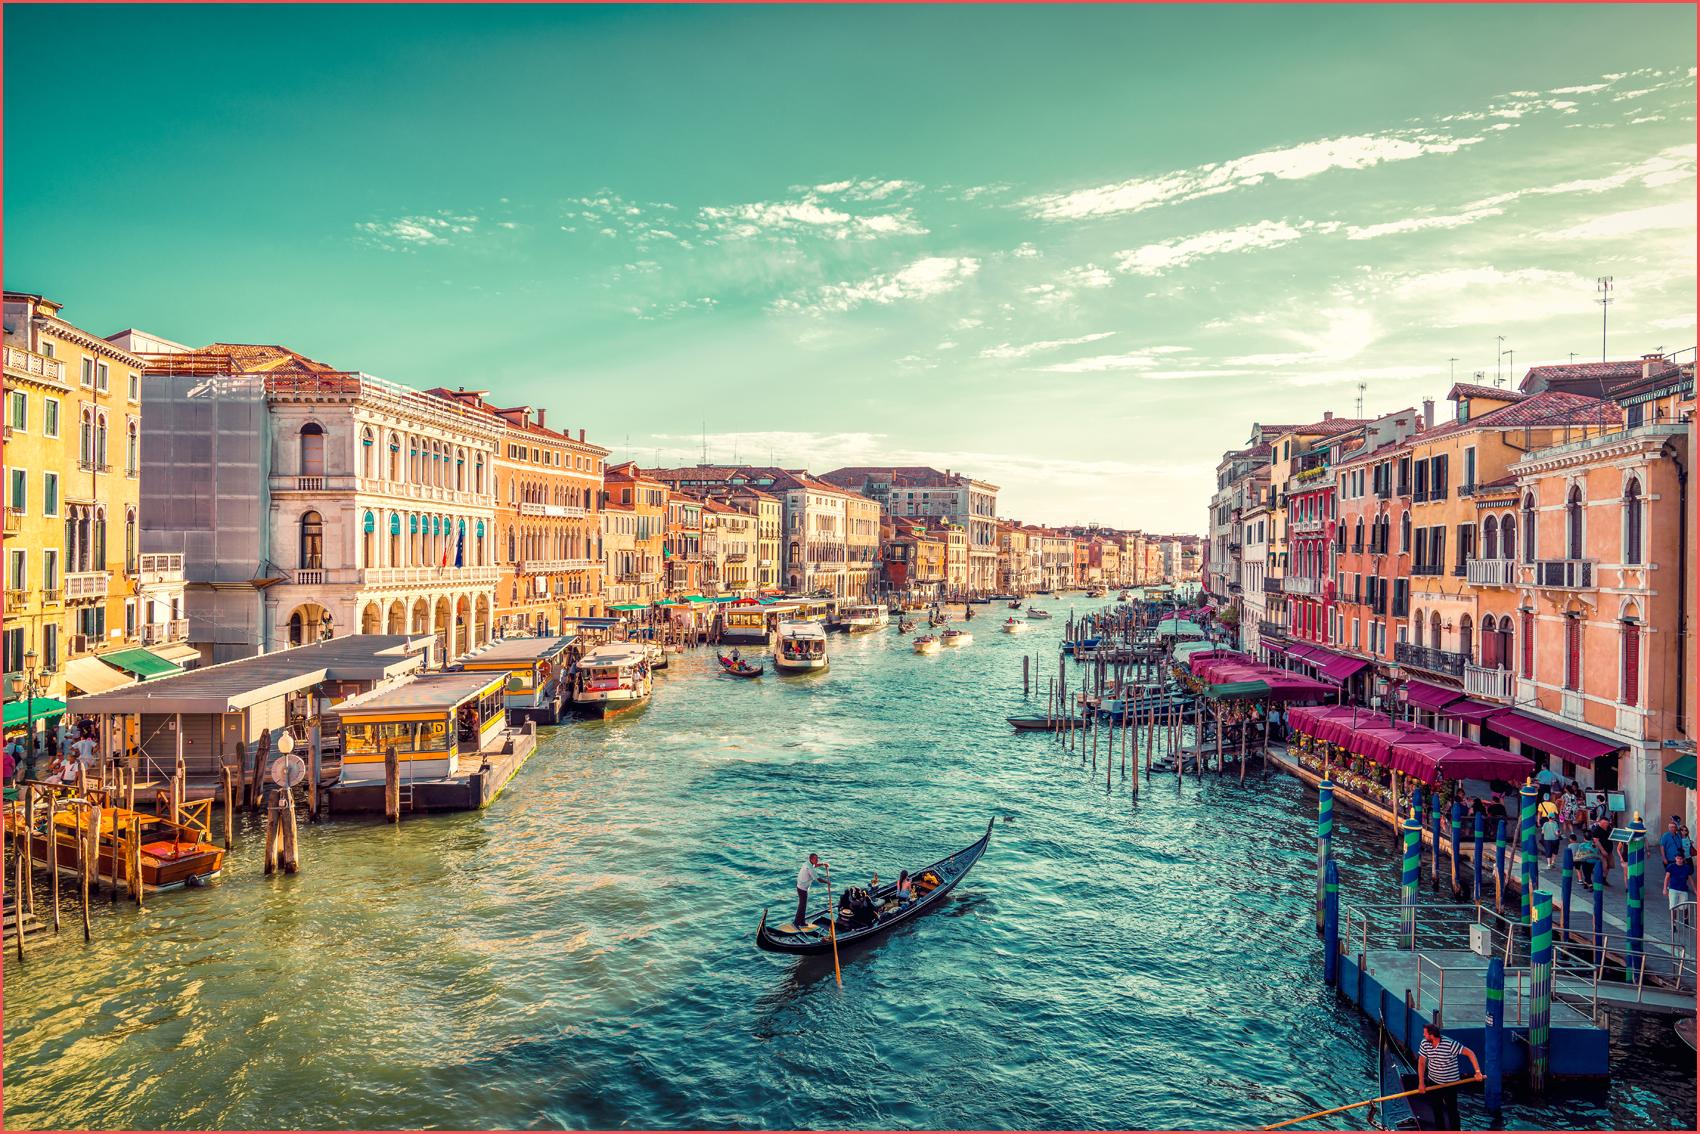 شروط اللجوء الانساني في ايطاليا والمزايا التي تمنح للاجئ الخديوي